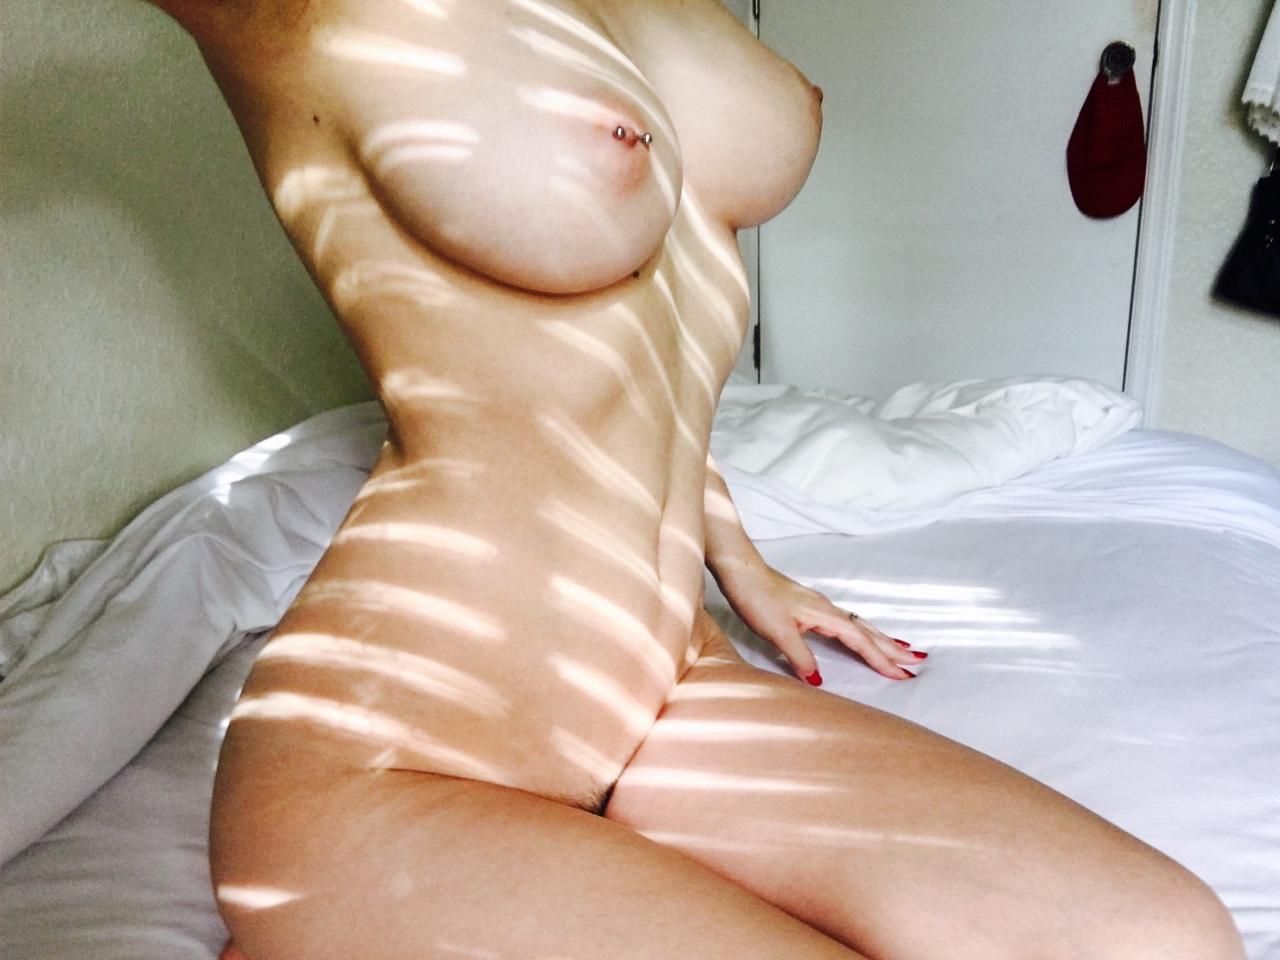 【自撮りエロ画像】素人とは思える極上おっぱいズラリ!抜ける自撮り乳ギャラリー(*´Д`)